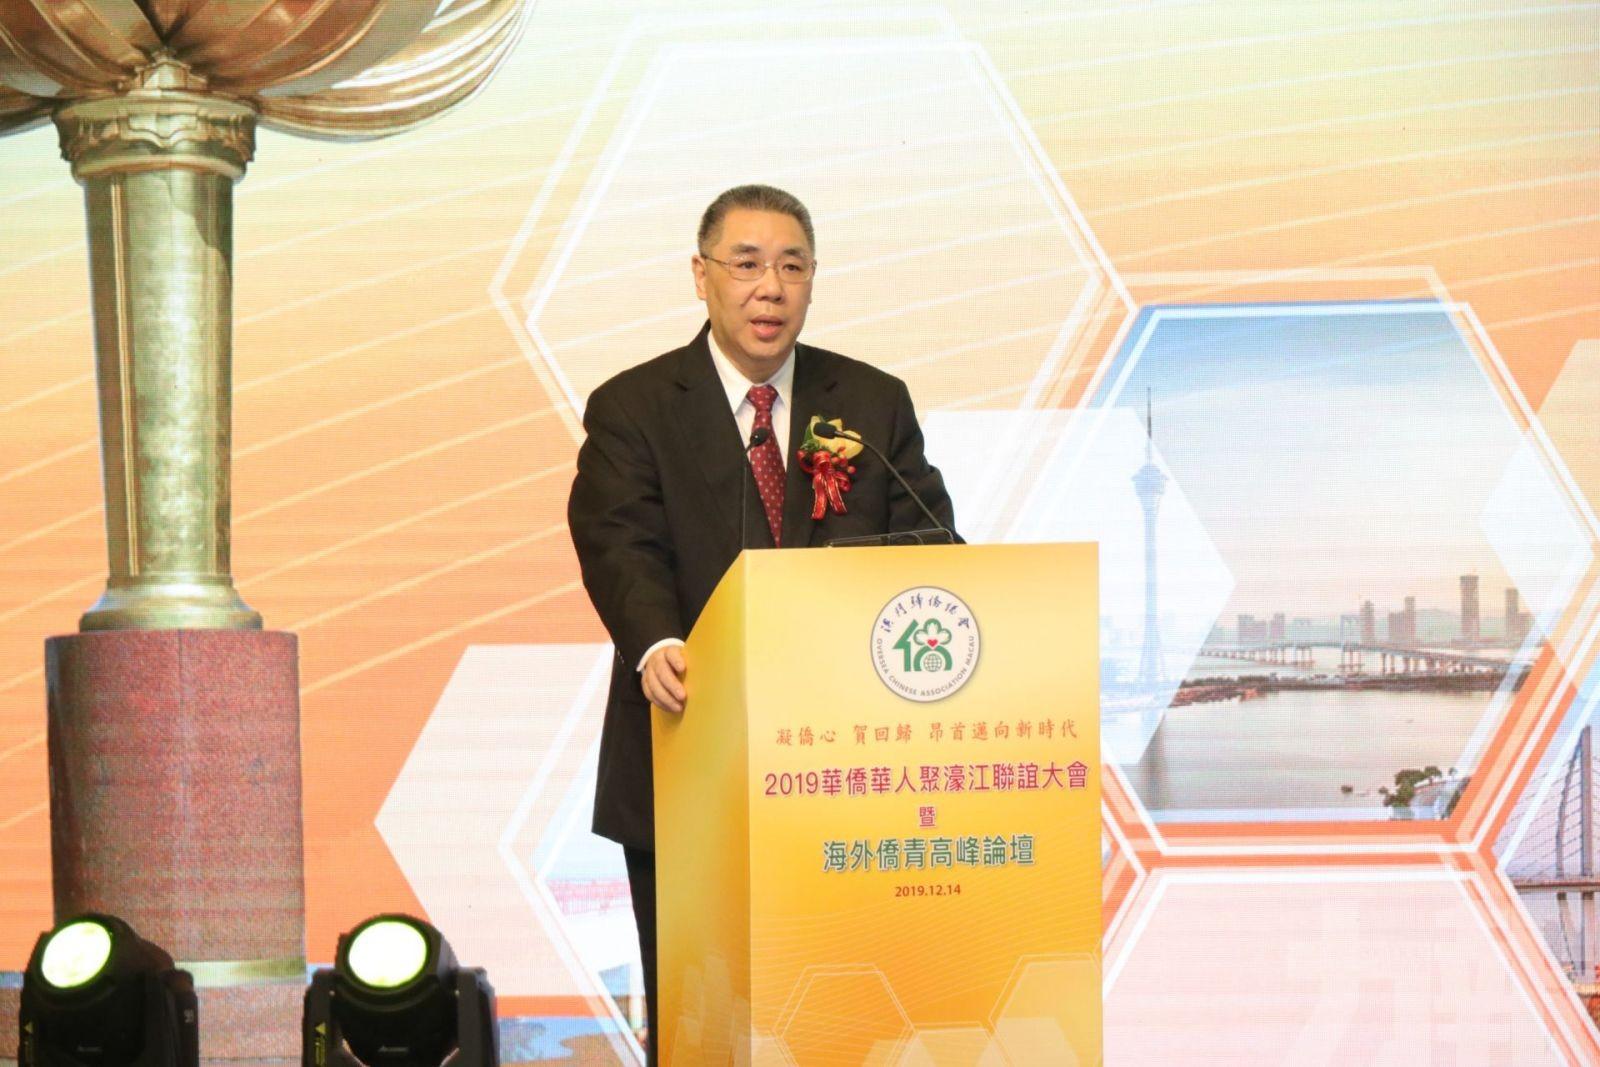 崔世安:續為發展華僑事務鋪路架橋